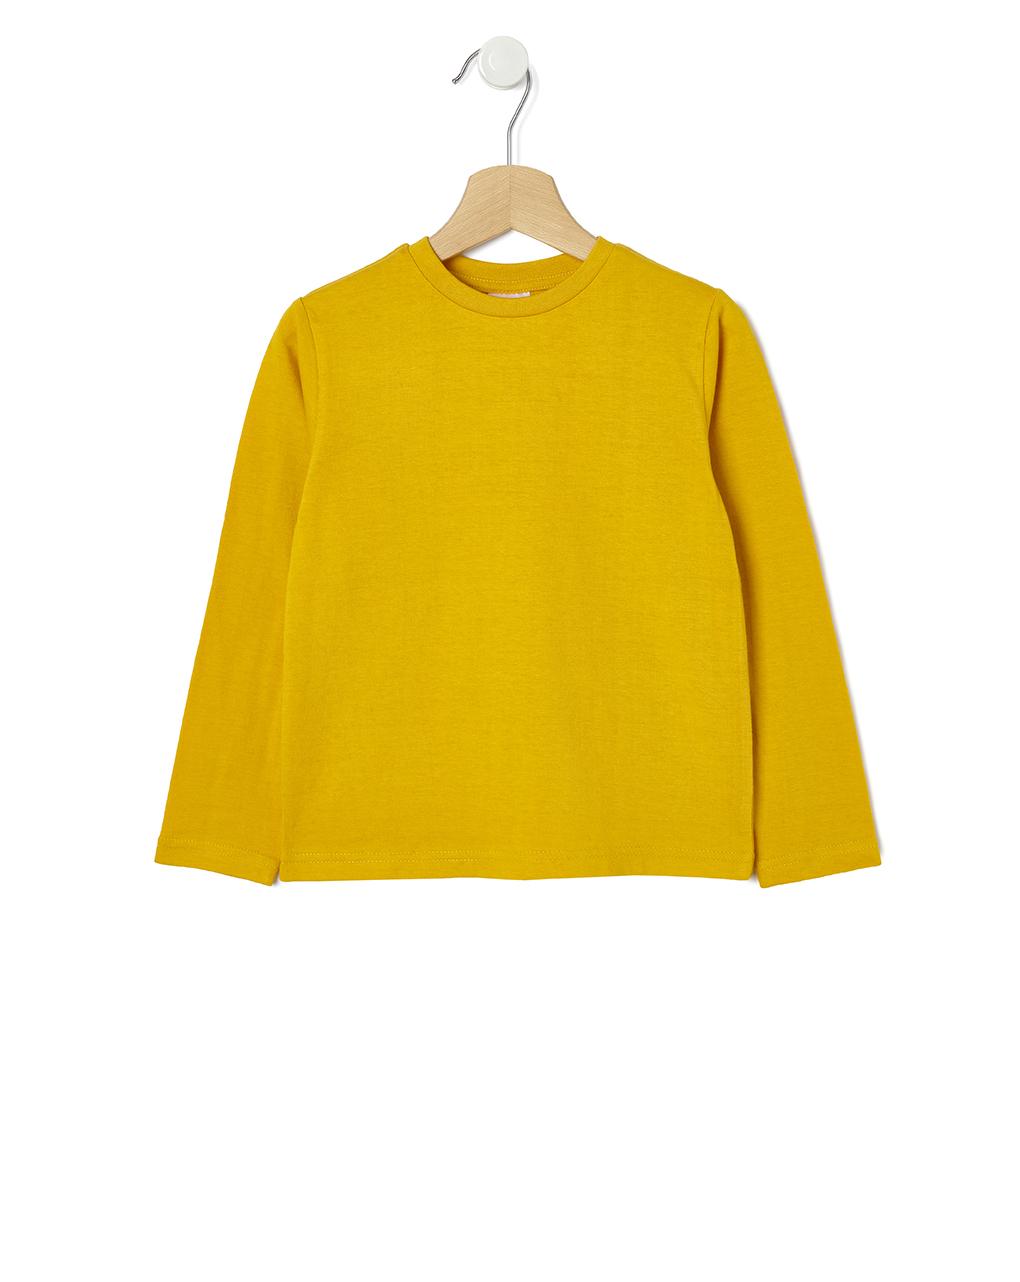 Μπλουζάκι Basic Κίτρινο για Αγόρι